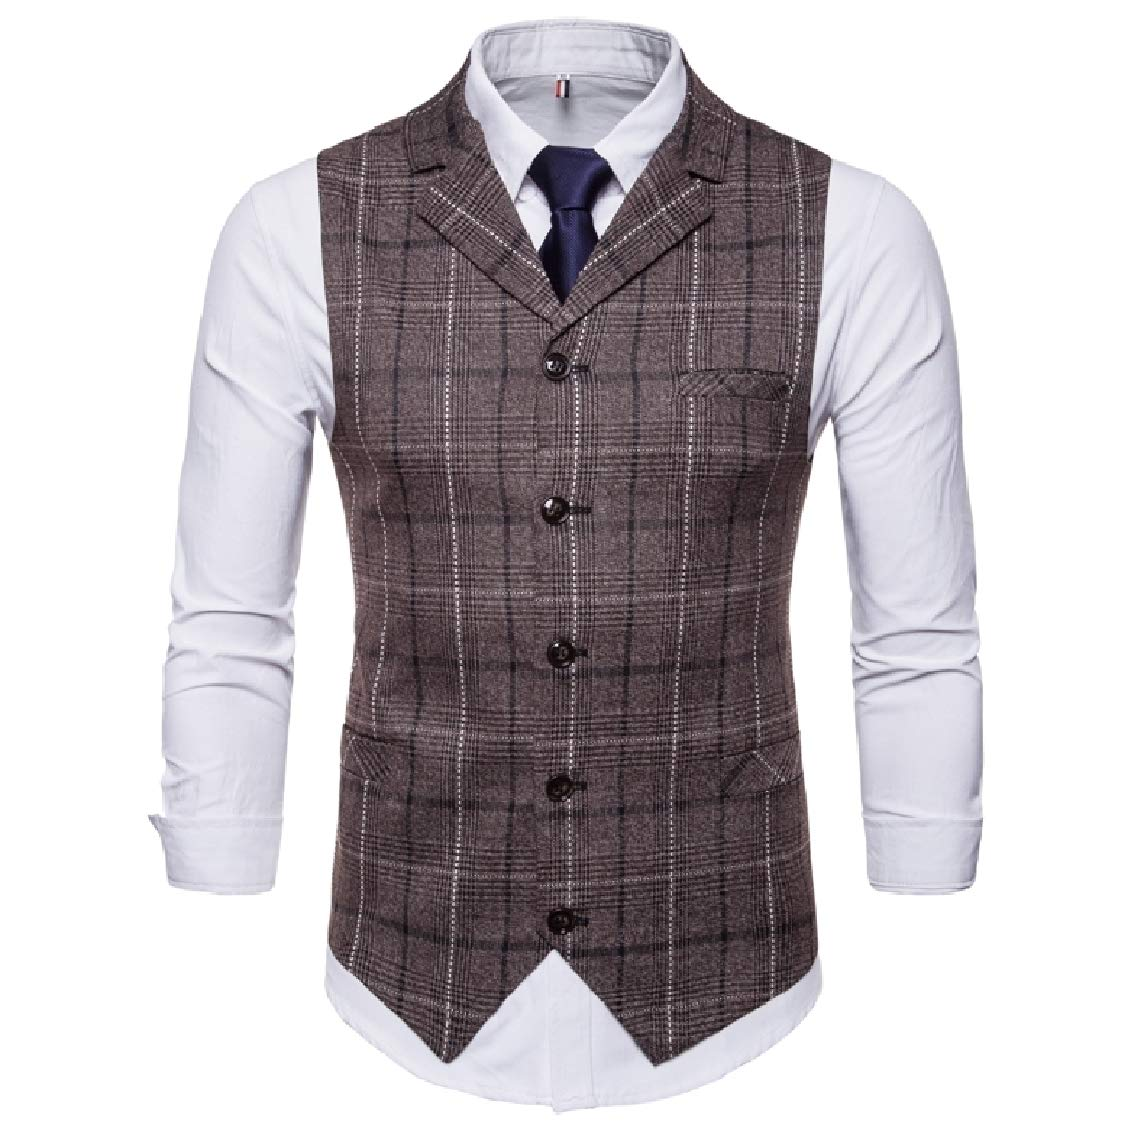 Coolred-Men Oversize Bridal Single-Breasted Formal Blazer Jacket Suits